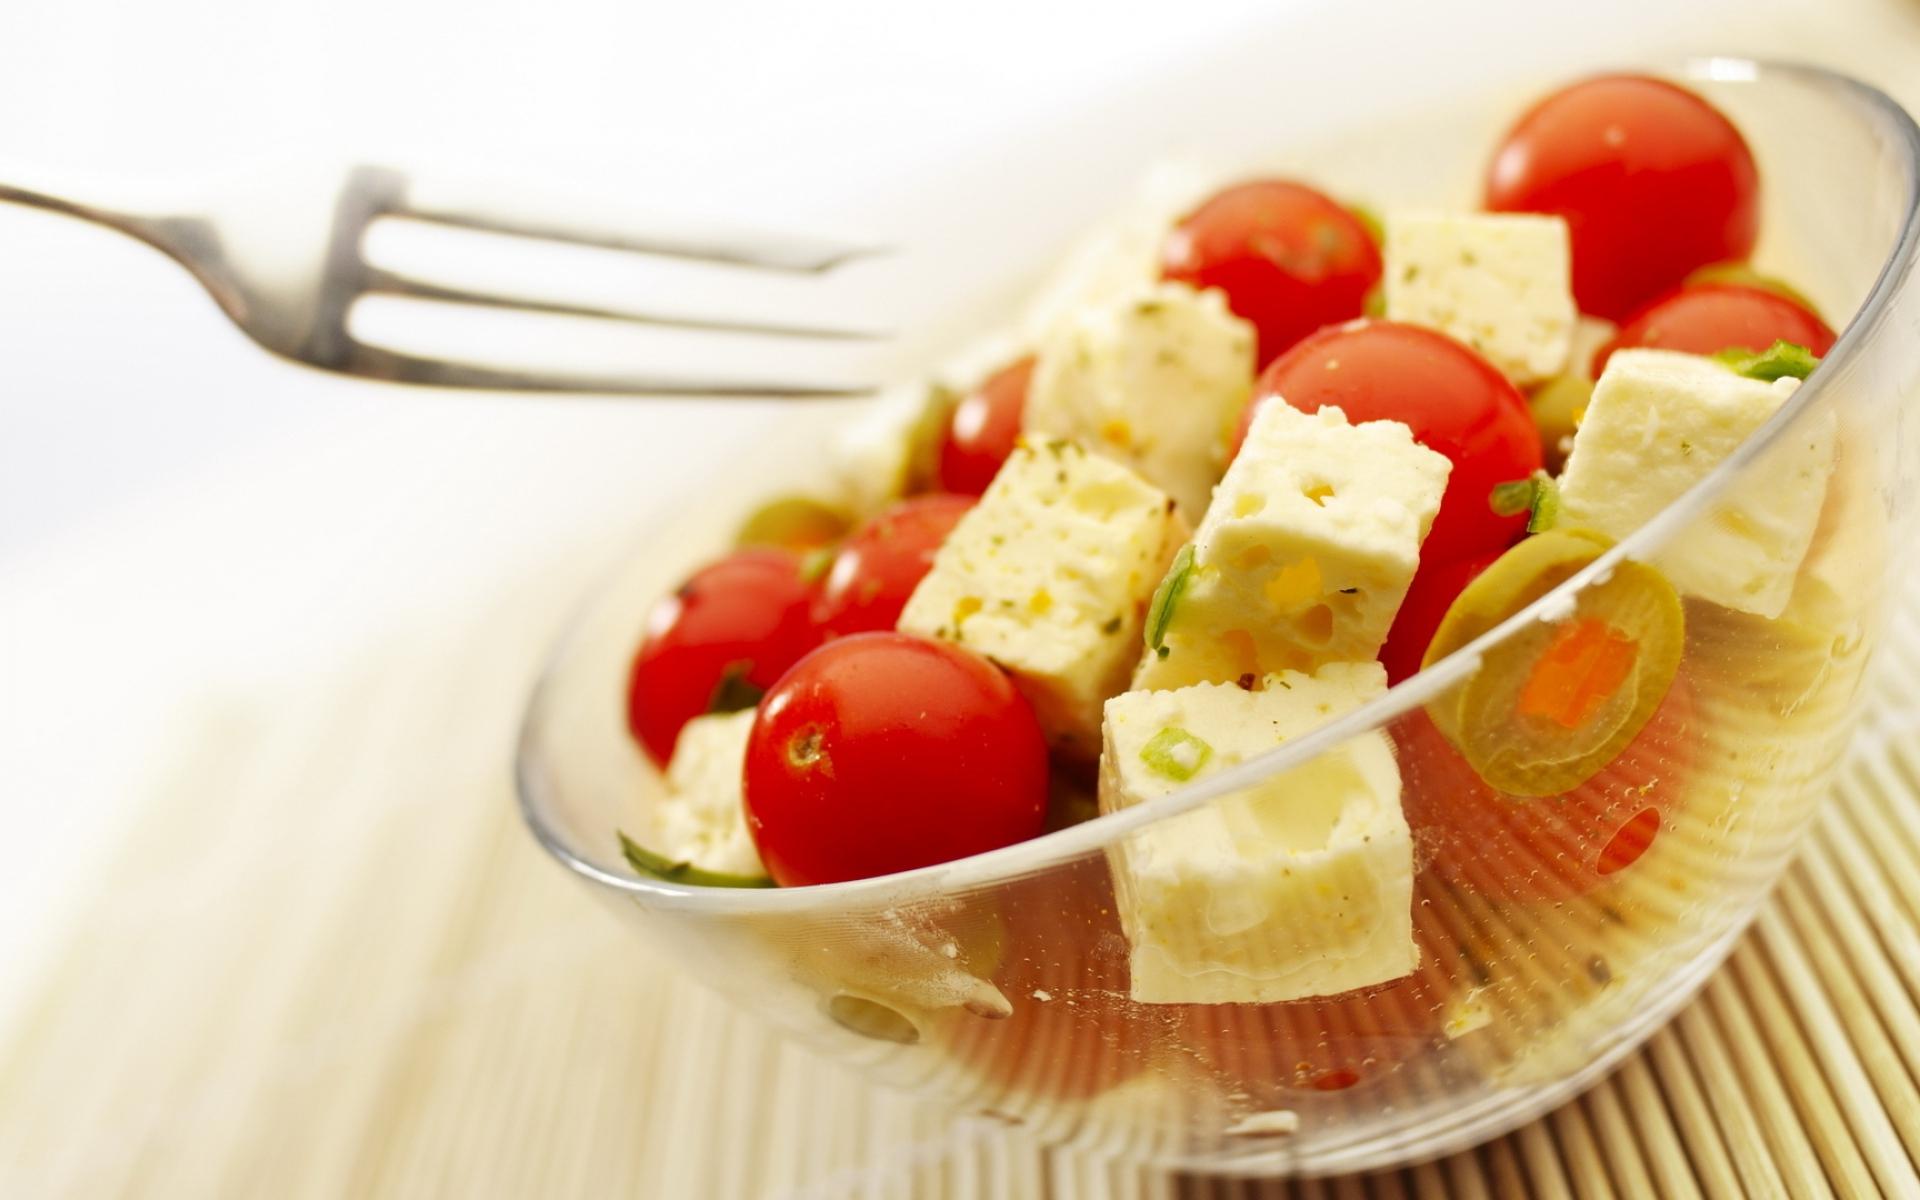 Сырные шарики на тарелке  № 2129808 загрузить